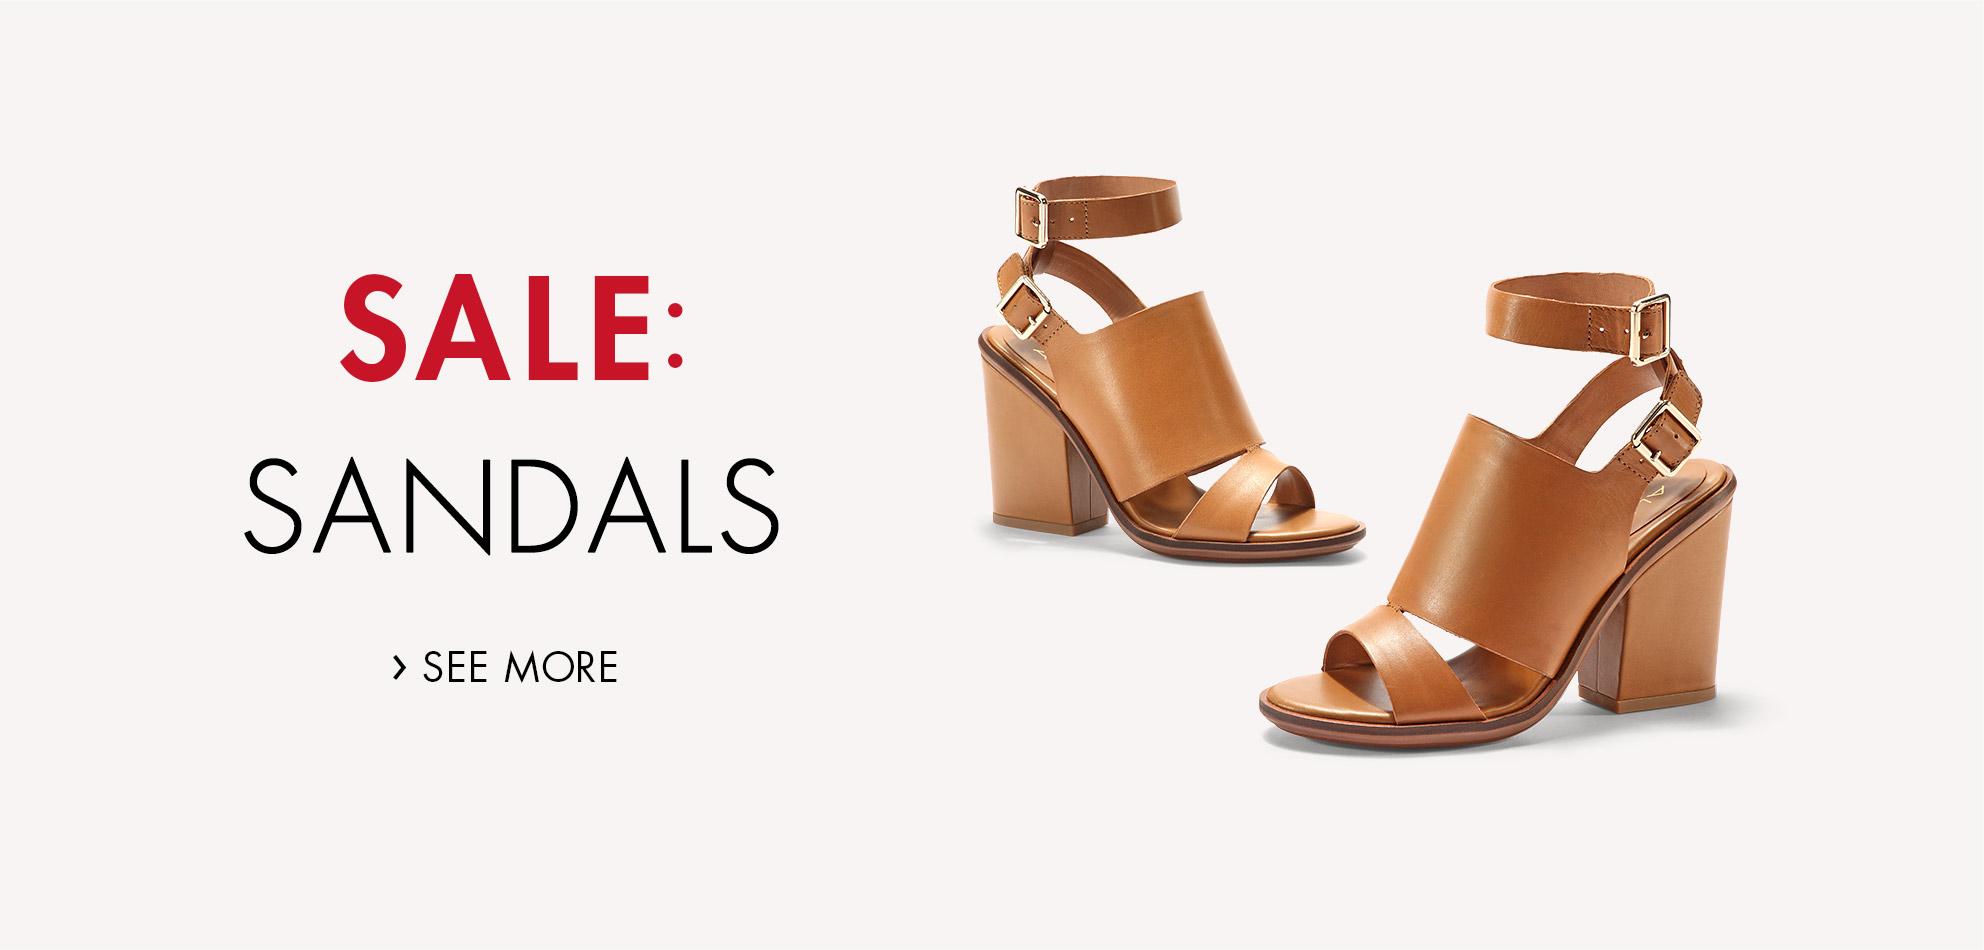 Sale: Sandals